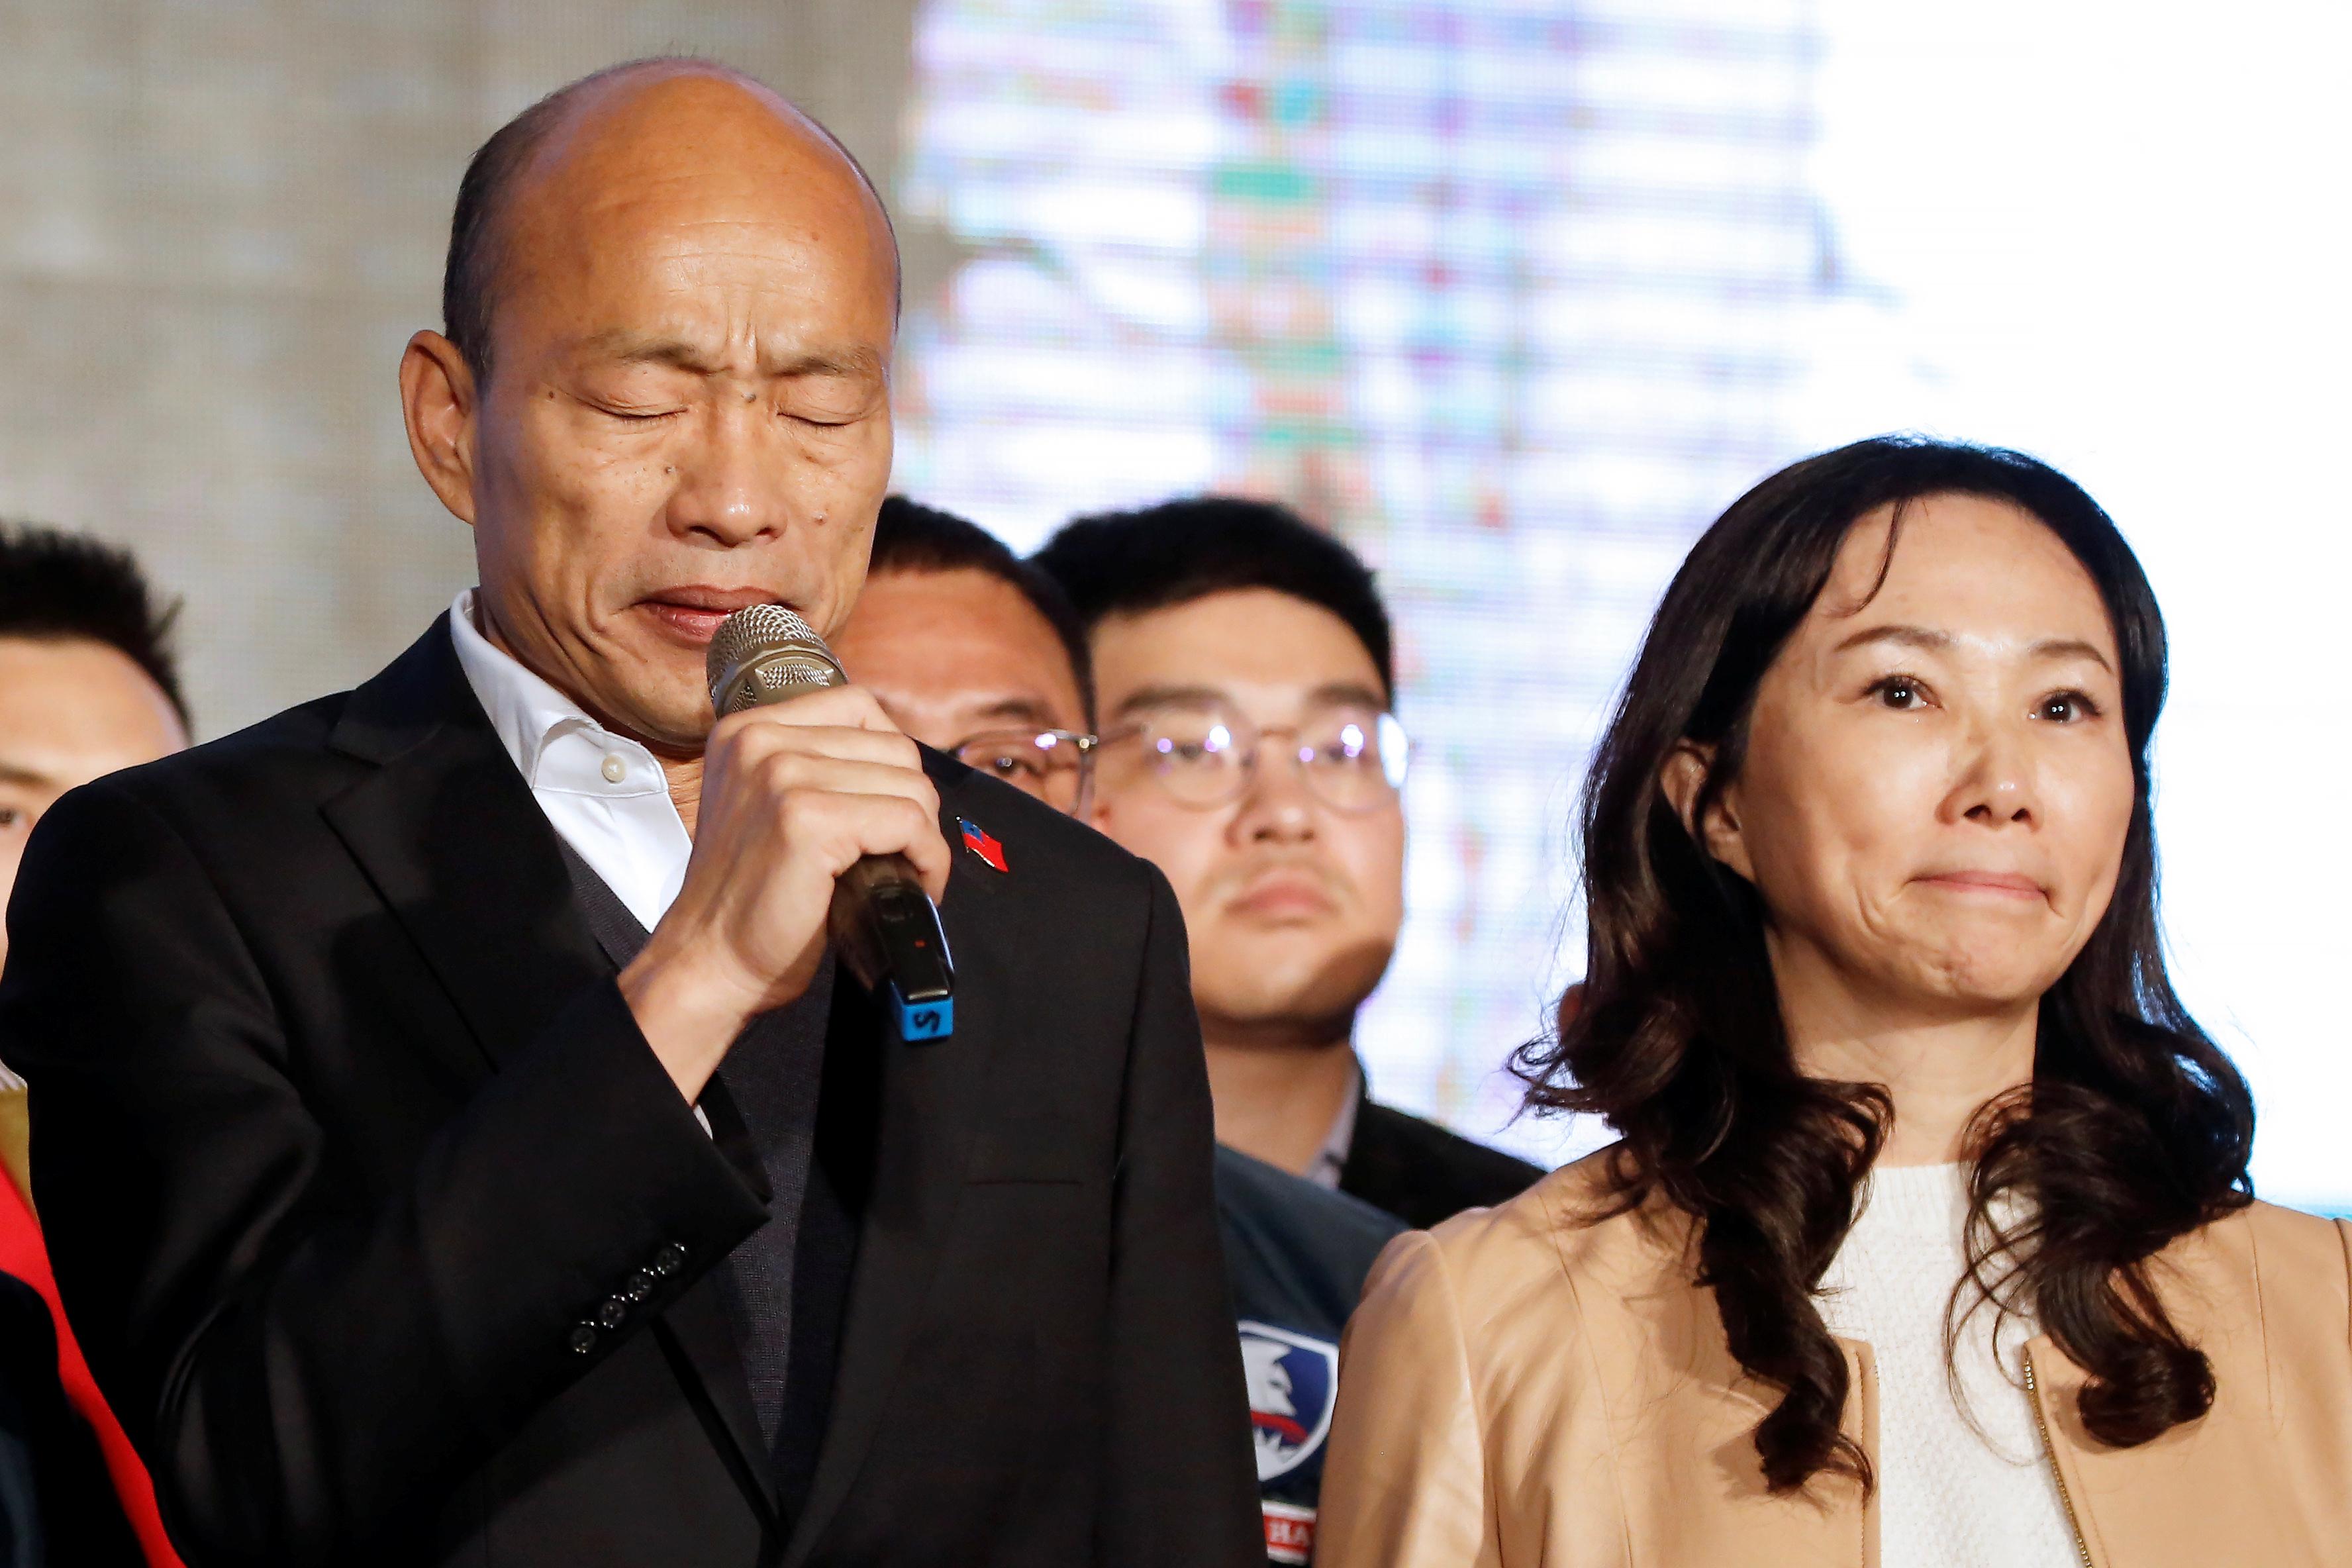 激战4个多小时左右,韩国瑜大势已趋,偕同妻子李佳芬等人,出面宣布败选并向支持者鞠躬致谢,坦然接受选举结果。-路透社-